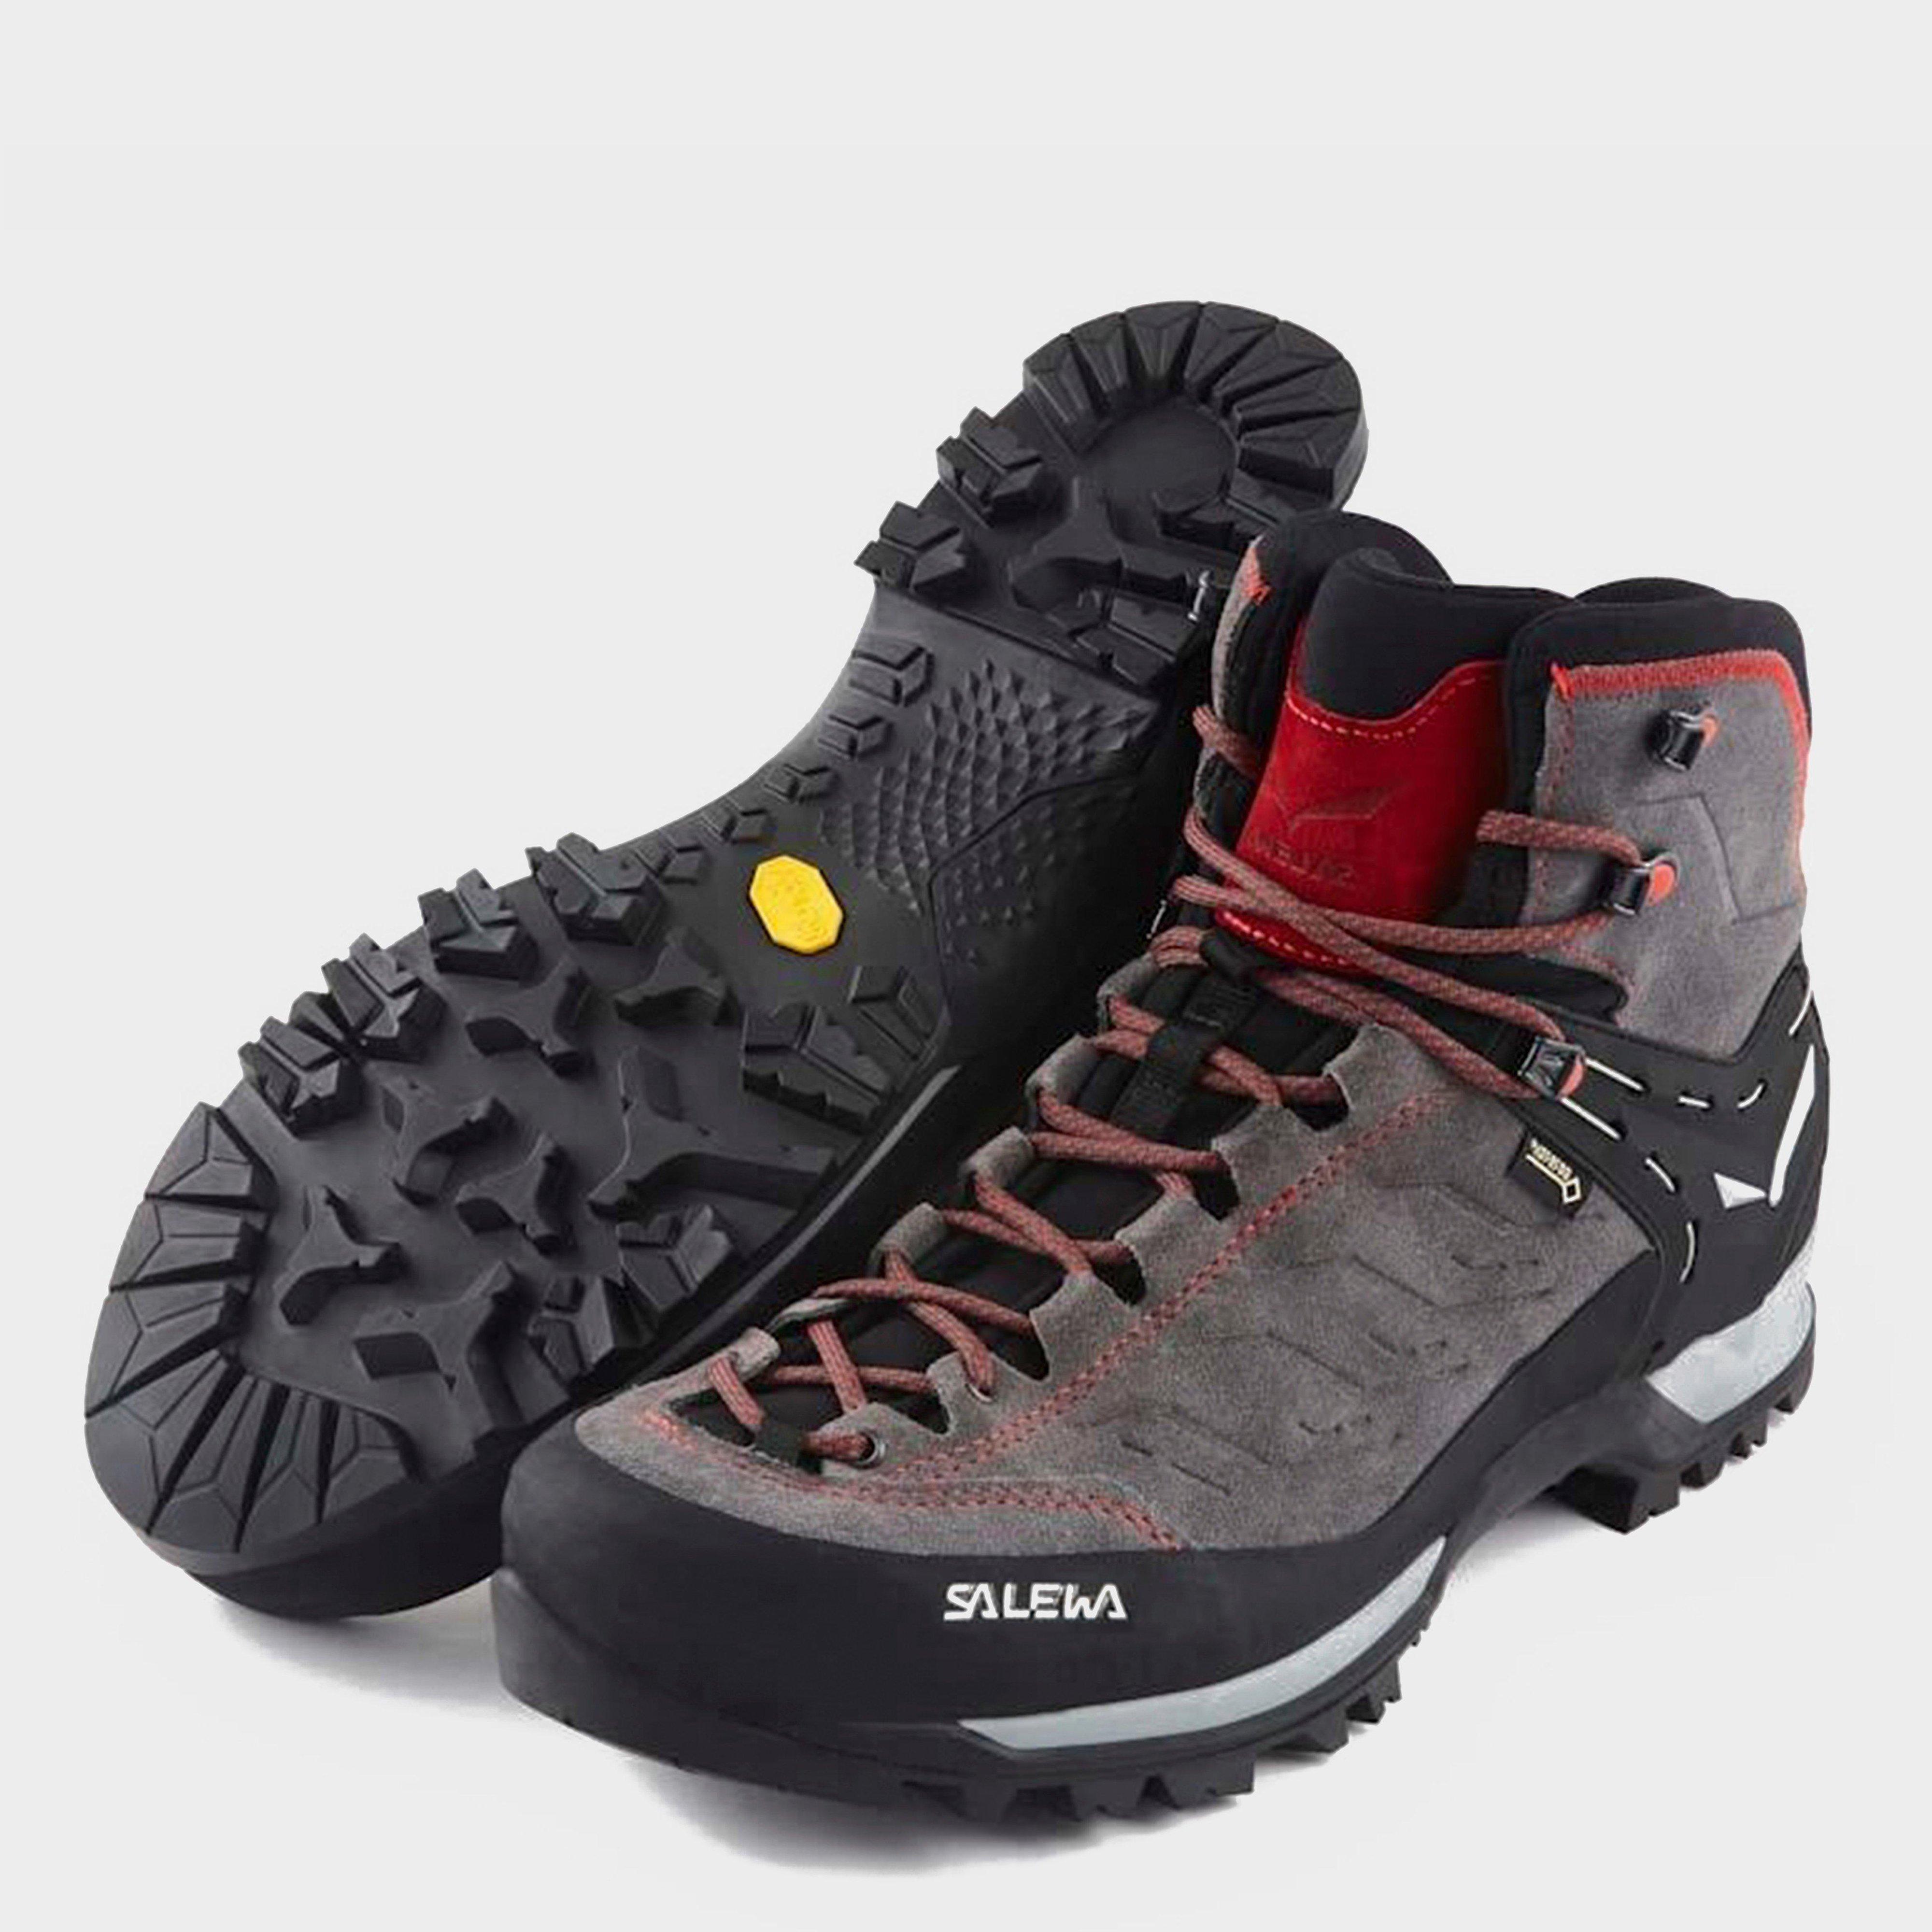 Salewa Salewa Mens Mountain Trainer Mid GORE-TEX Walking Boots